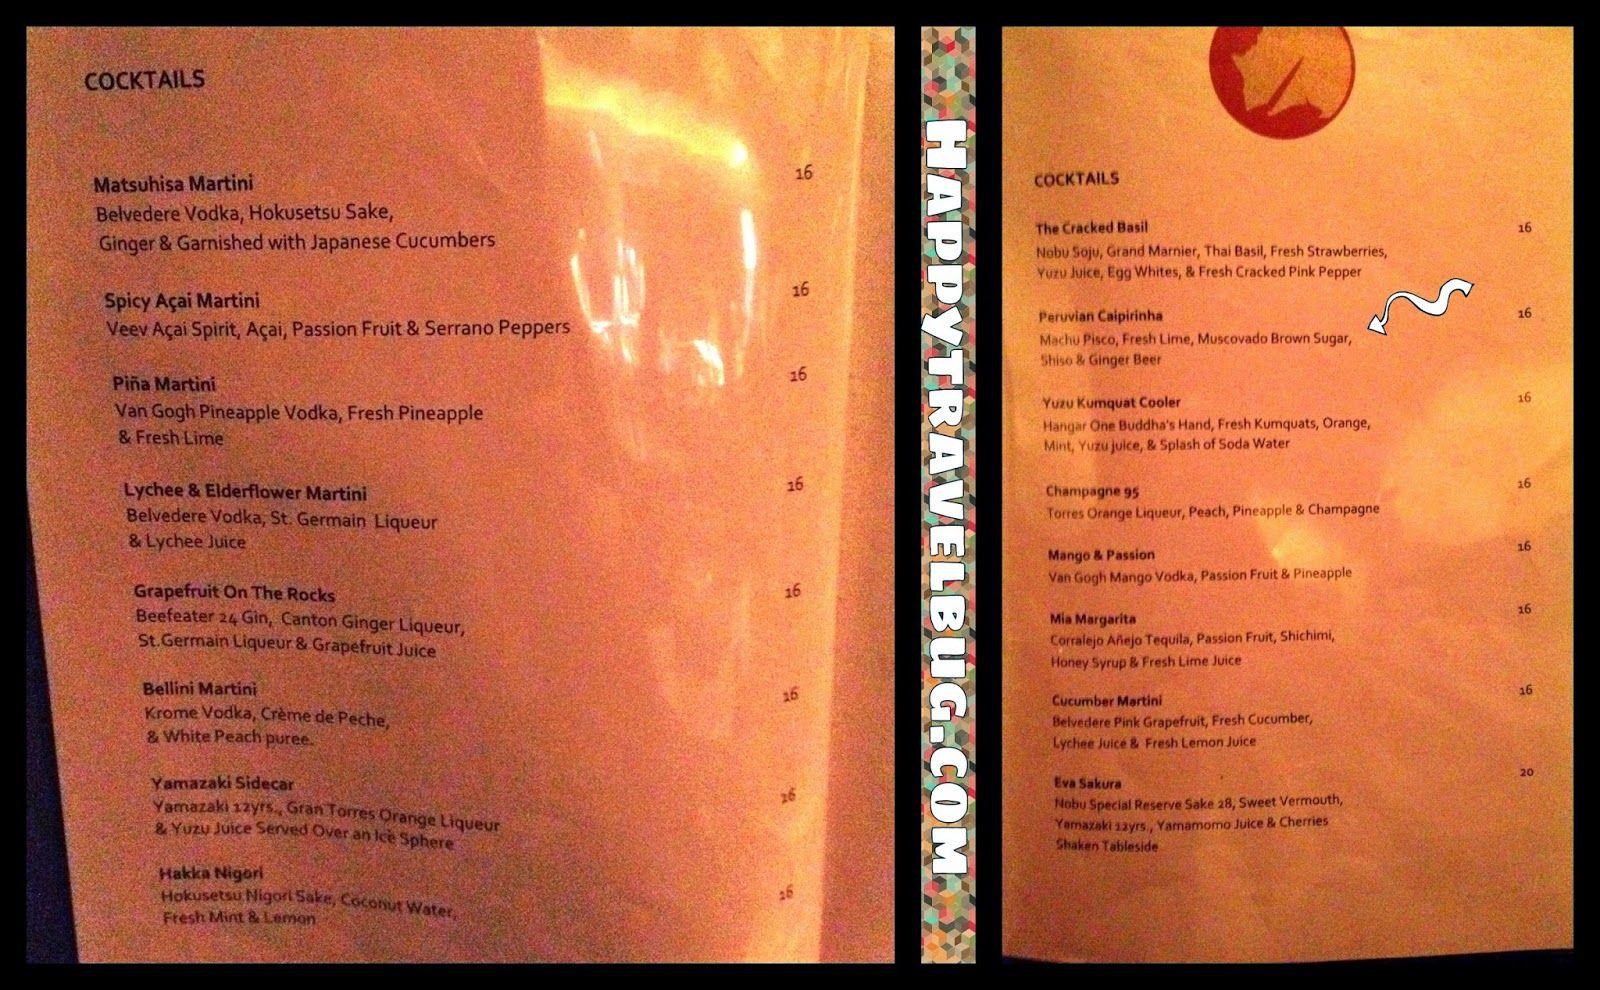 Cocktail menu at Nobu in Las Vegas | Menus | Pinterest | Menu ...